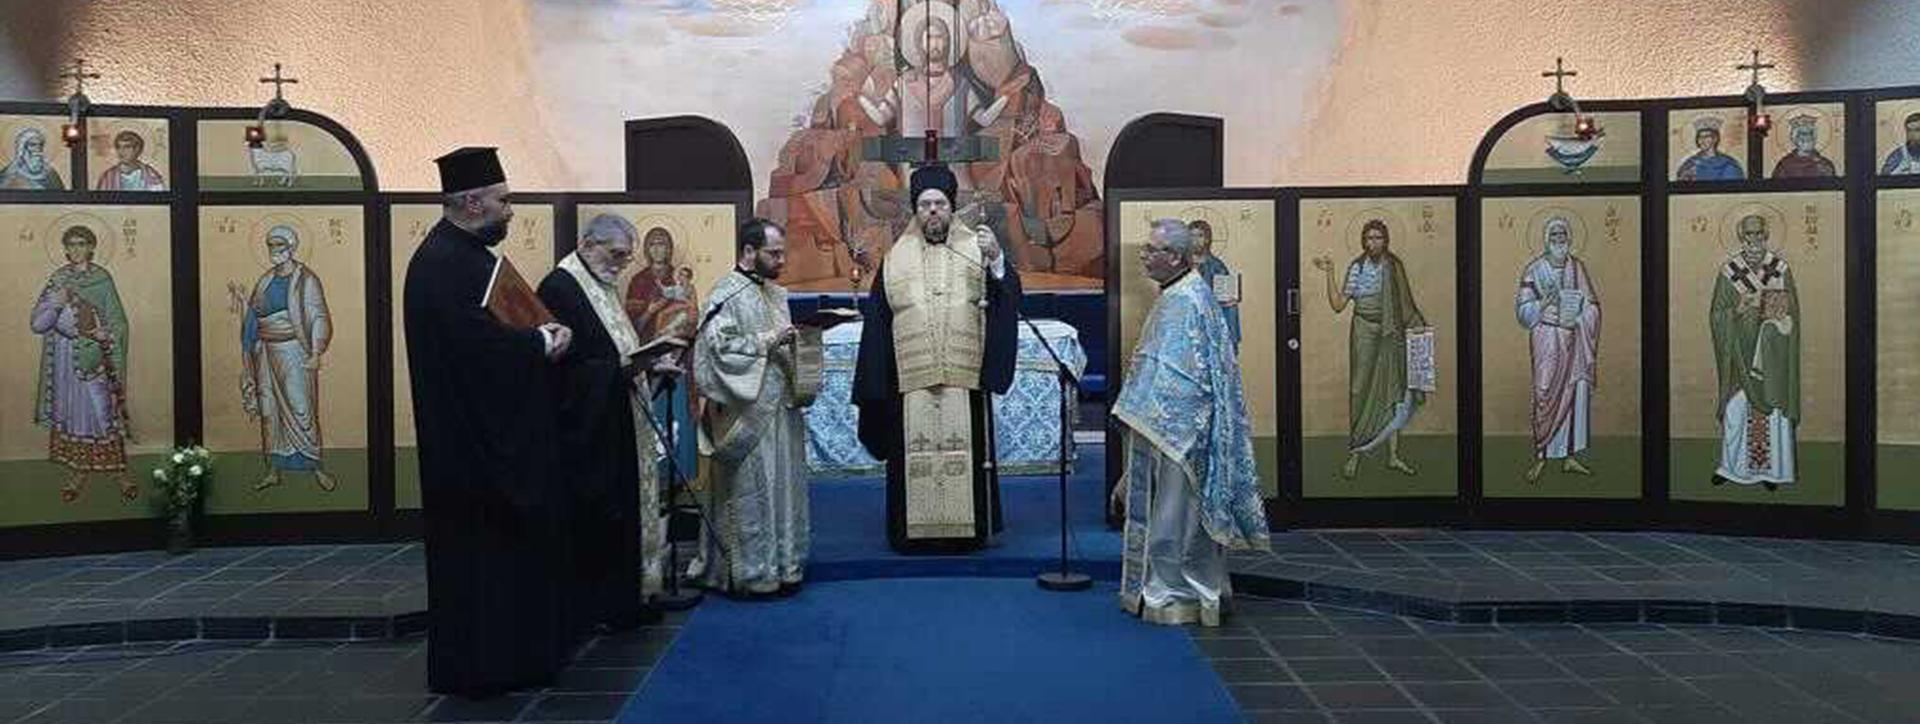 Τρισάγιο στον Ναό του Αποστόλου Παύλου στο Σαμπεζύ για τους Γέροντα Νικαίας Κωνσταντίνο και Νικόλαο Μαγγίνα